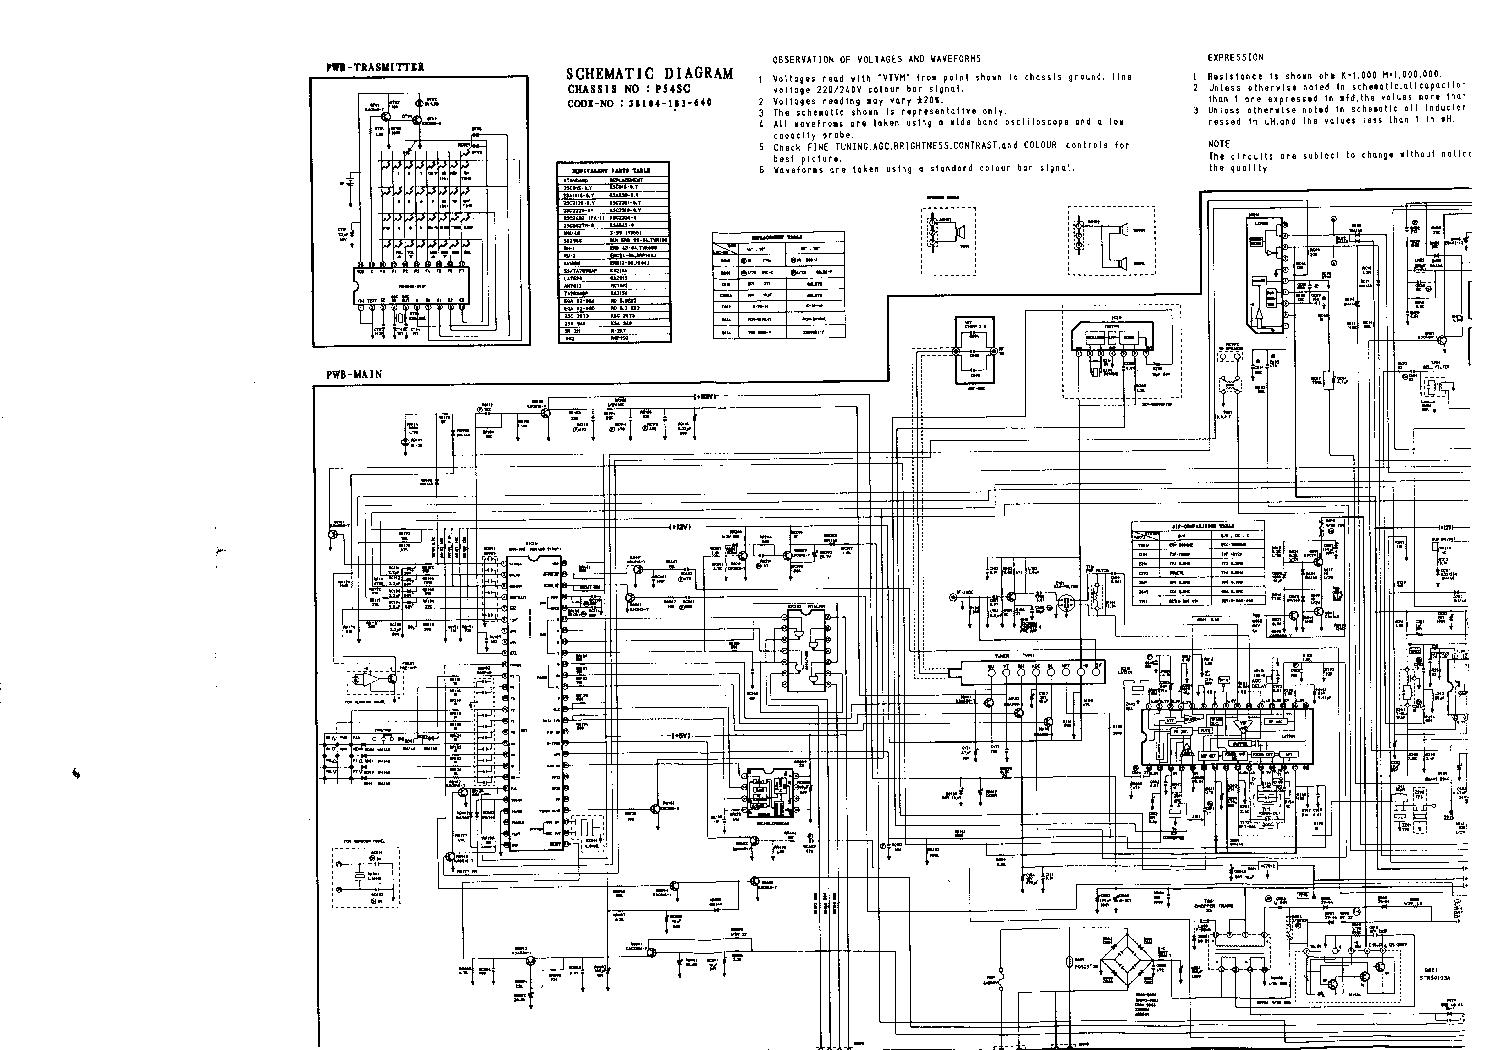 схемы телевизора самсунг ck 5339tr